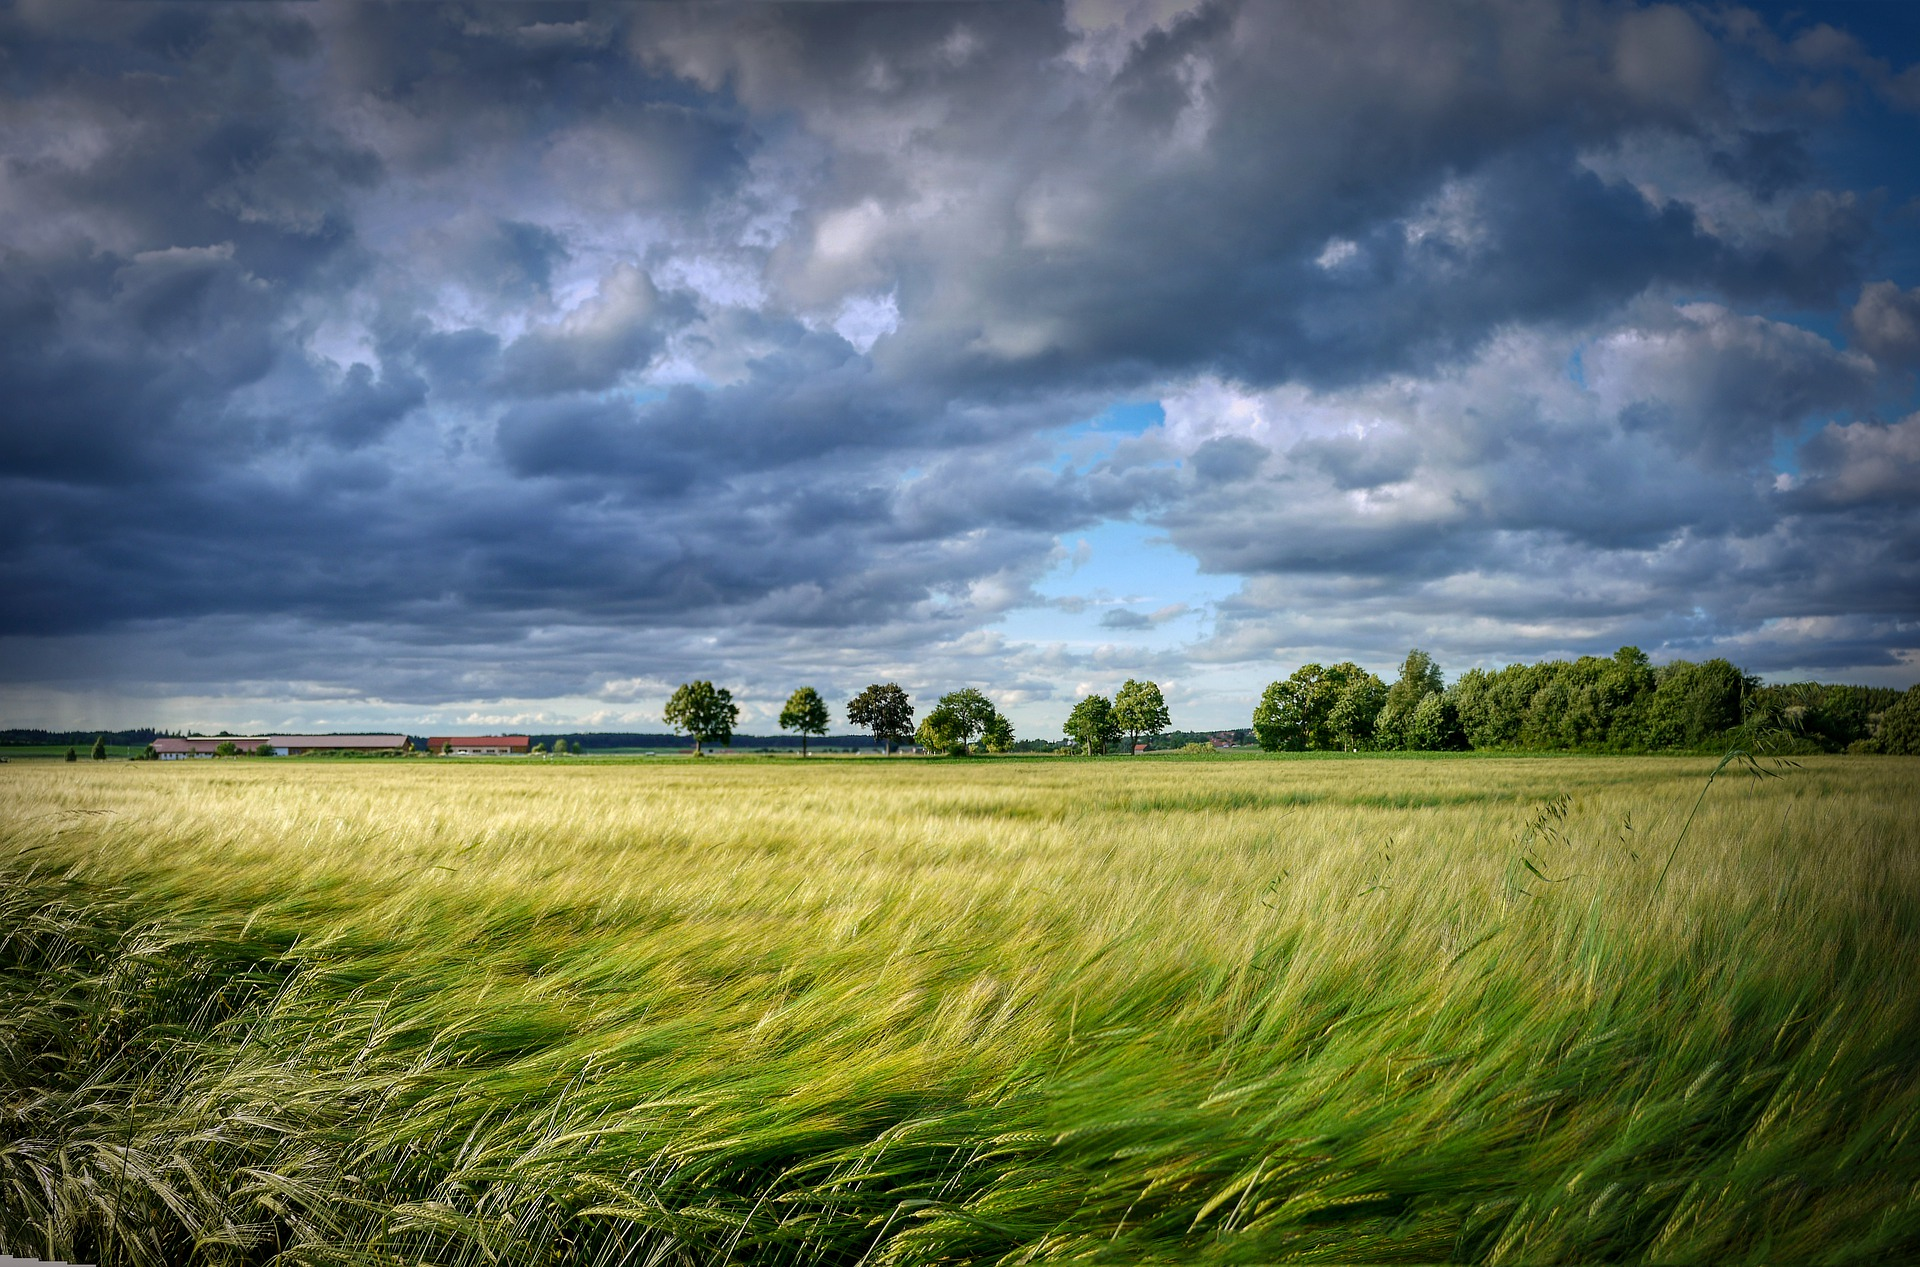 Łąka na tle zachmurzonego nieba